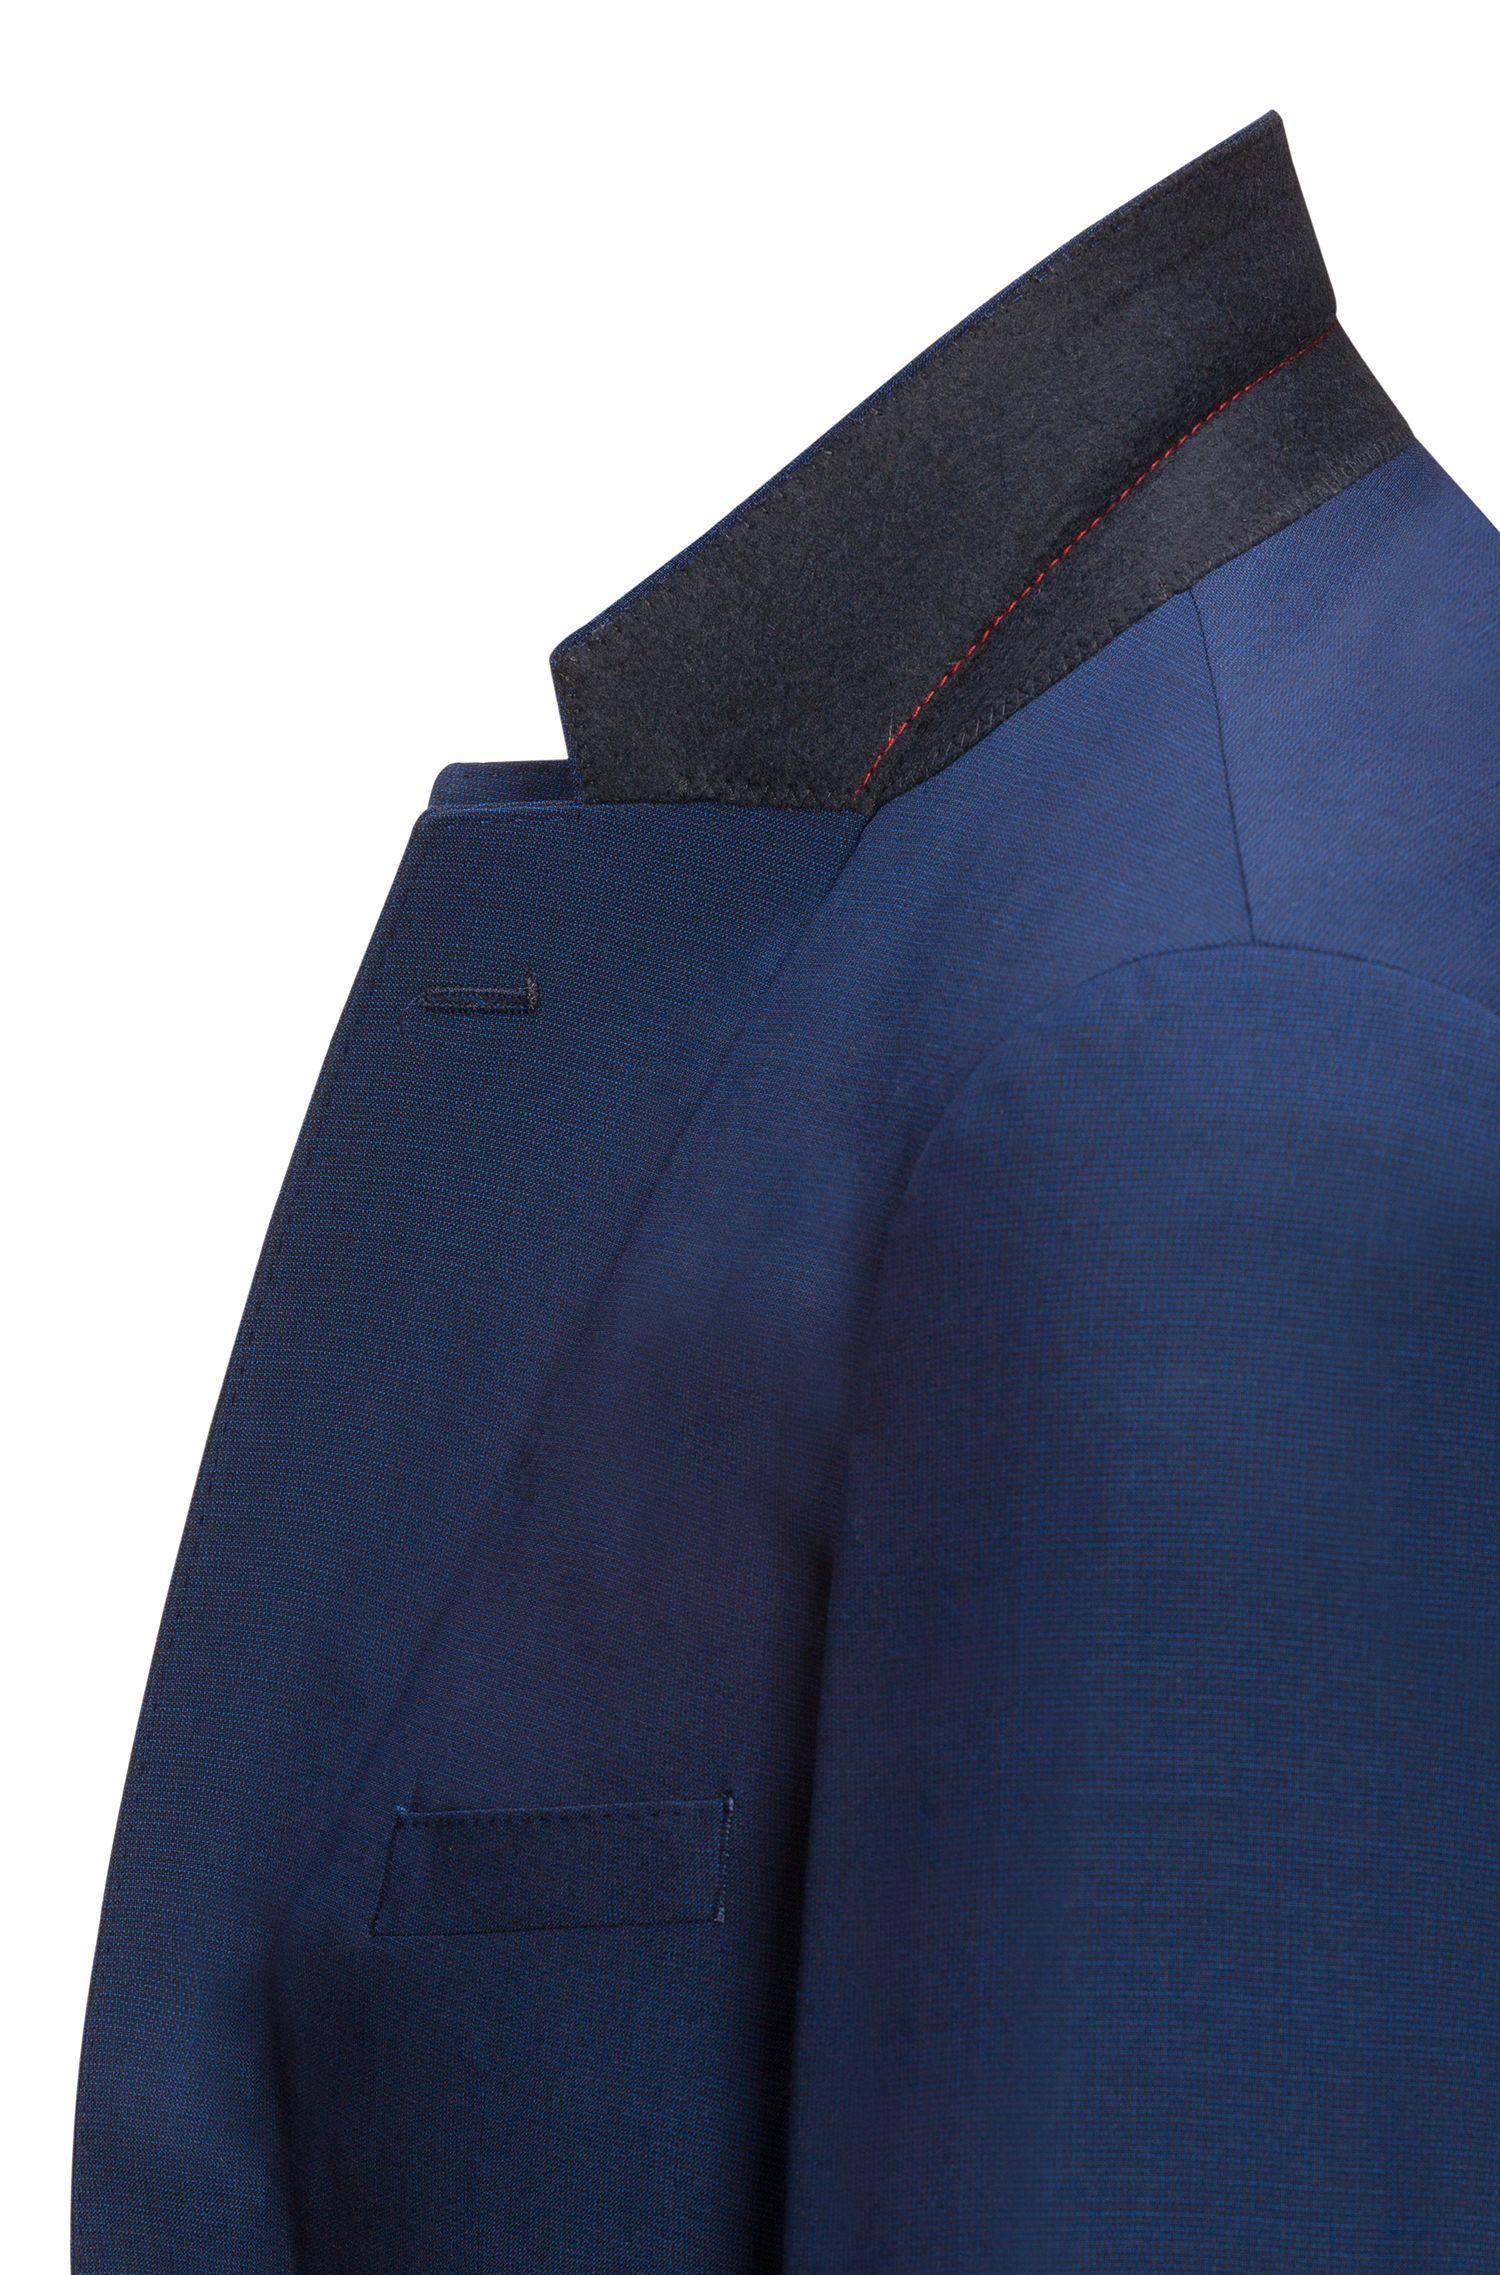 Regular-Fit Sakko aus garngefärbter Schurwolle